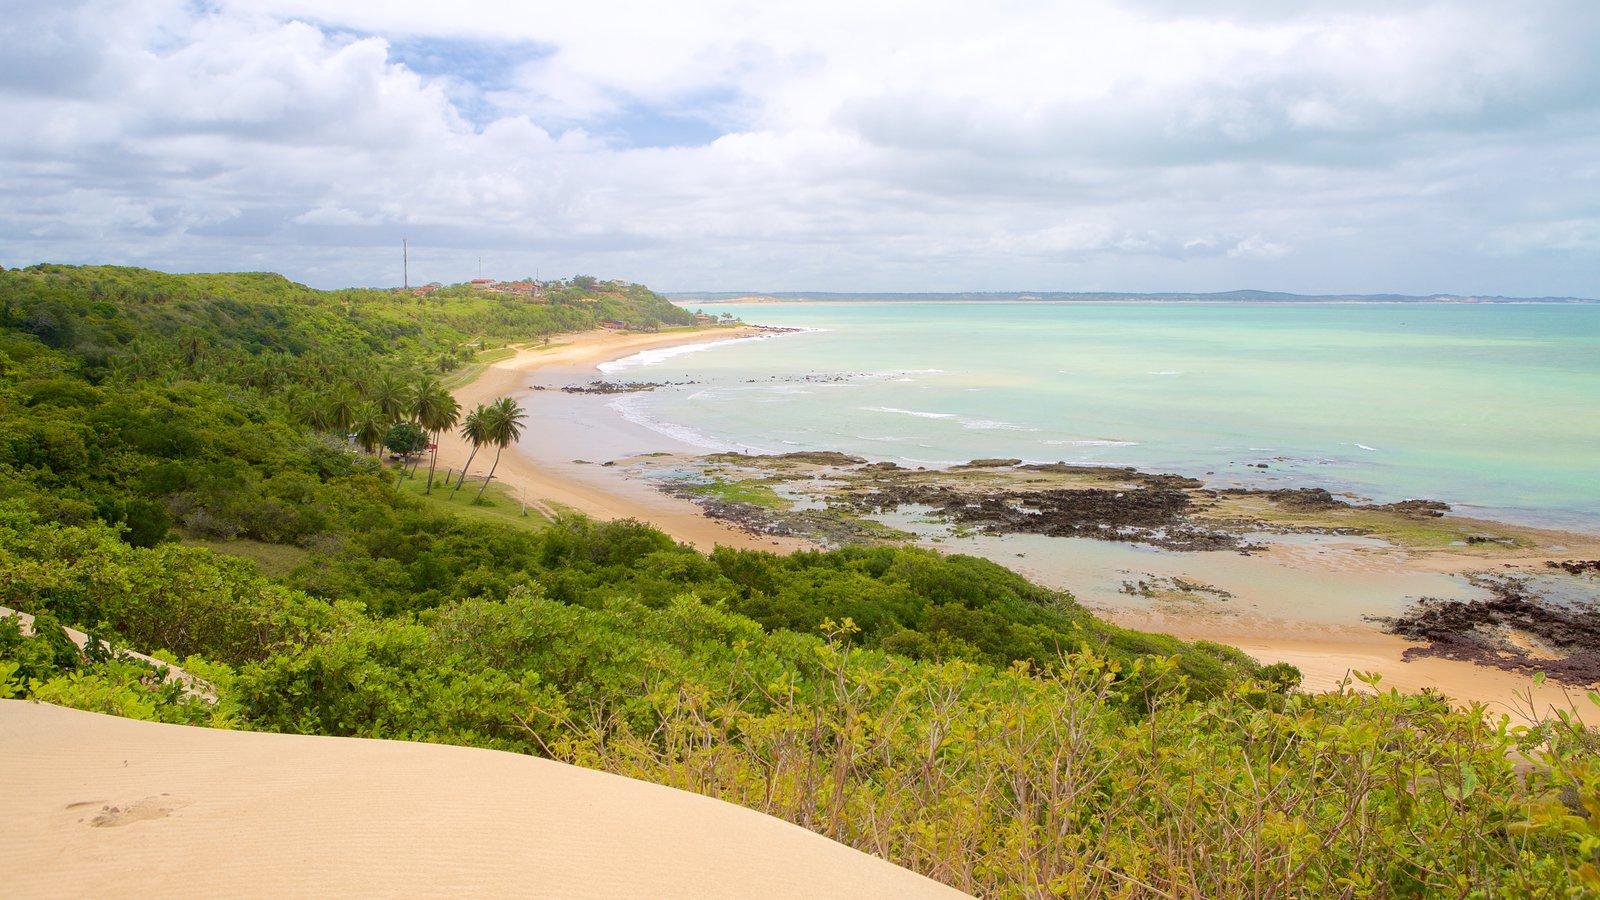 Baía Formosa que inclui uma praia e paisagem